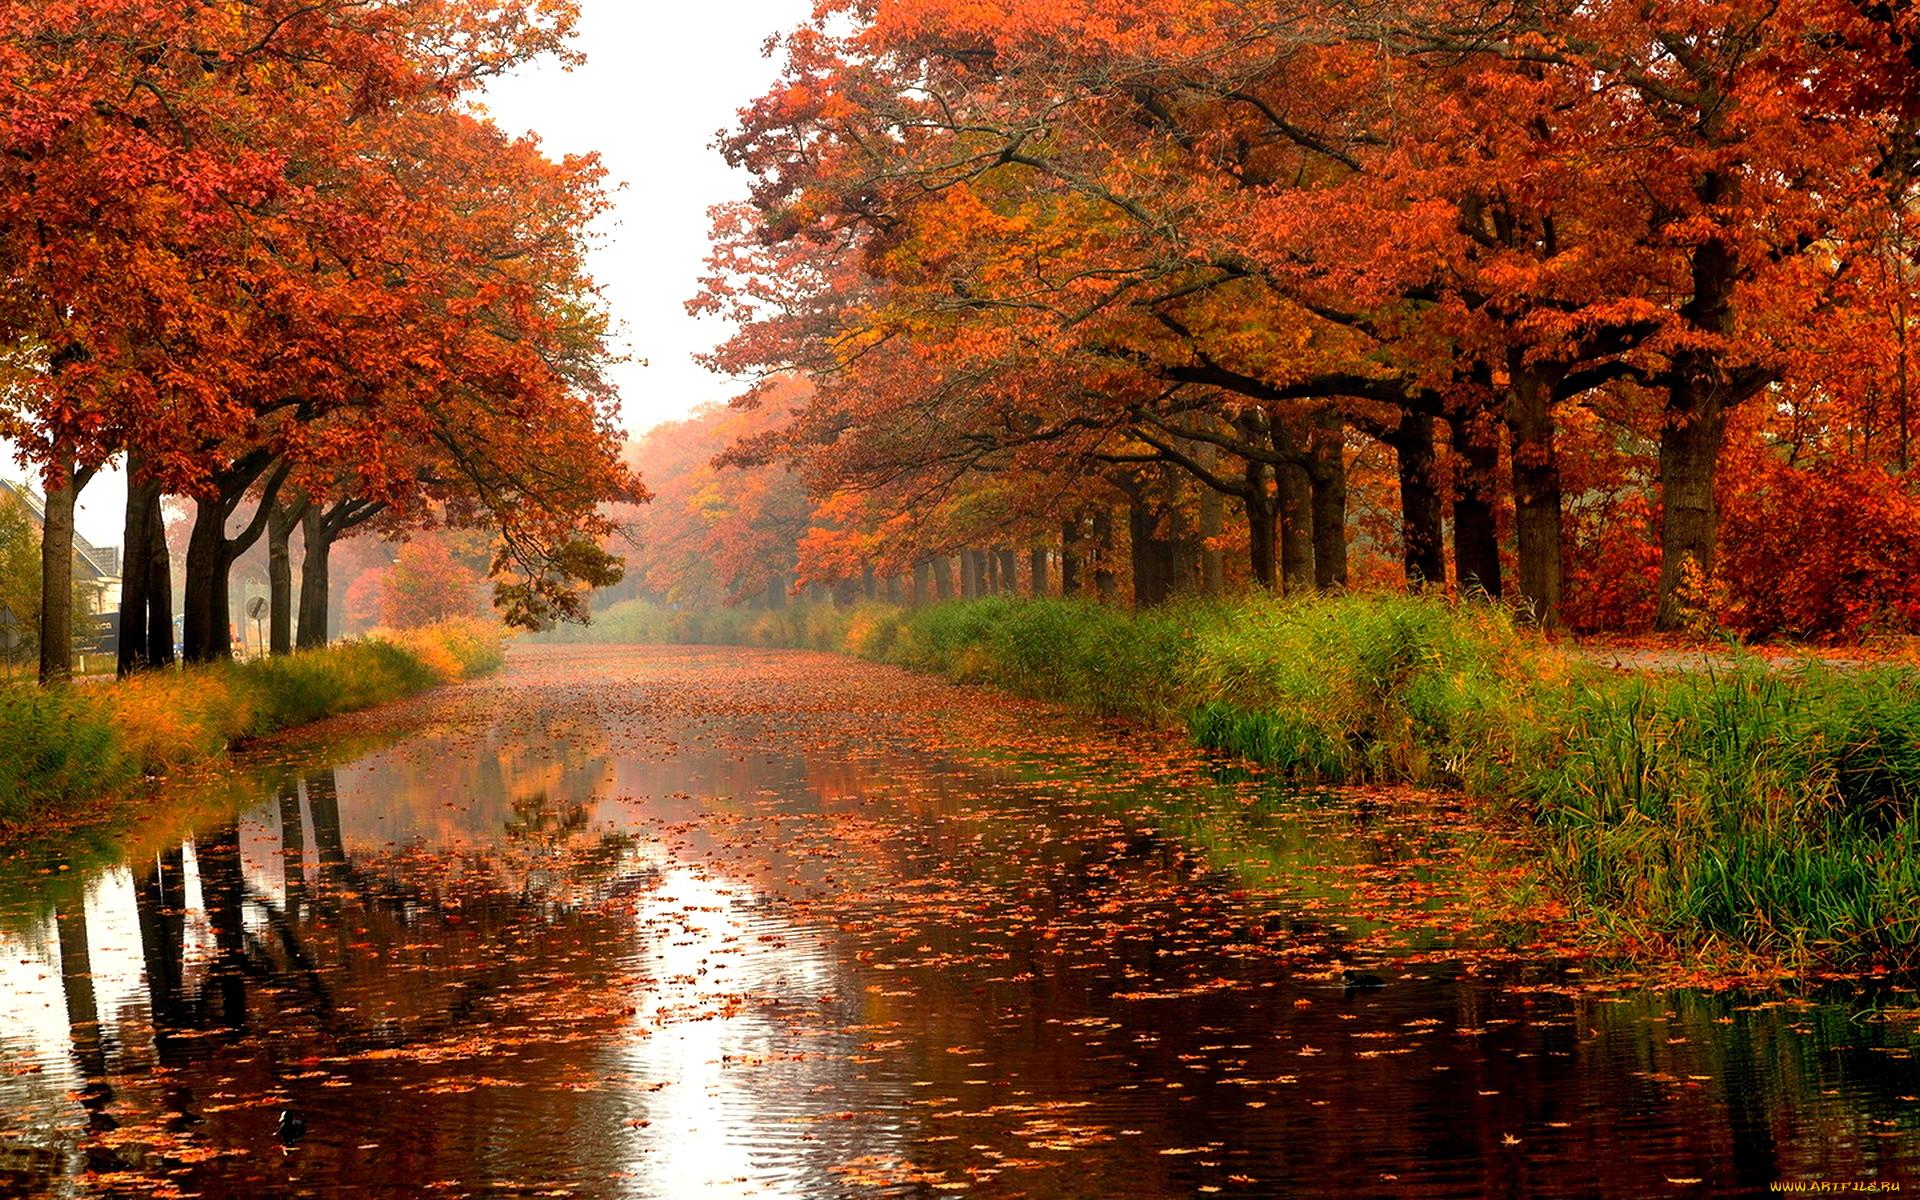 обои на рабочий стол осень листья дождь 15950